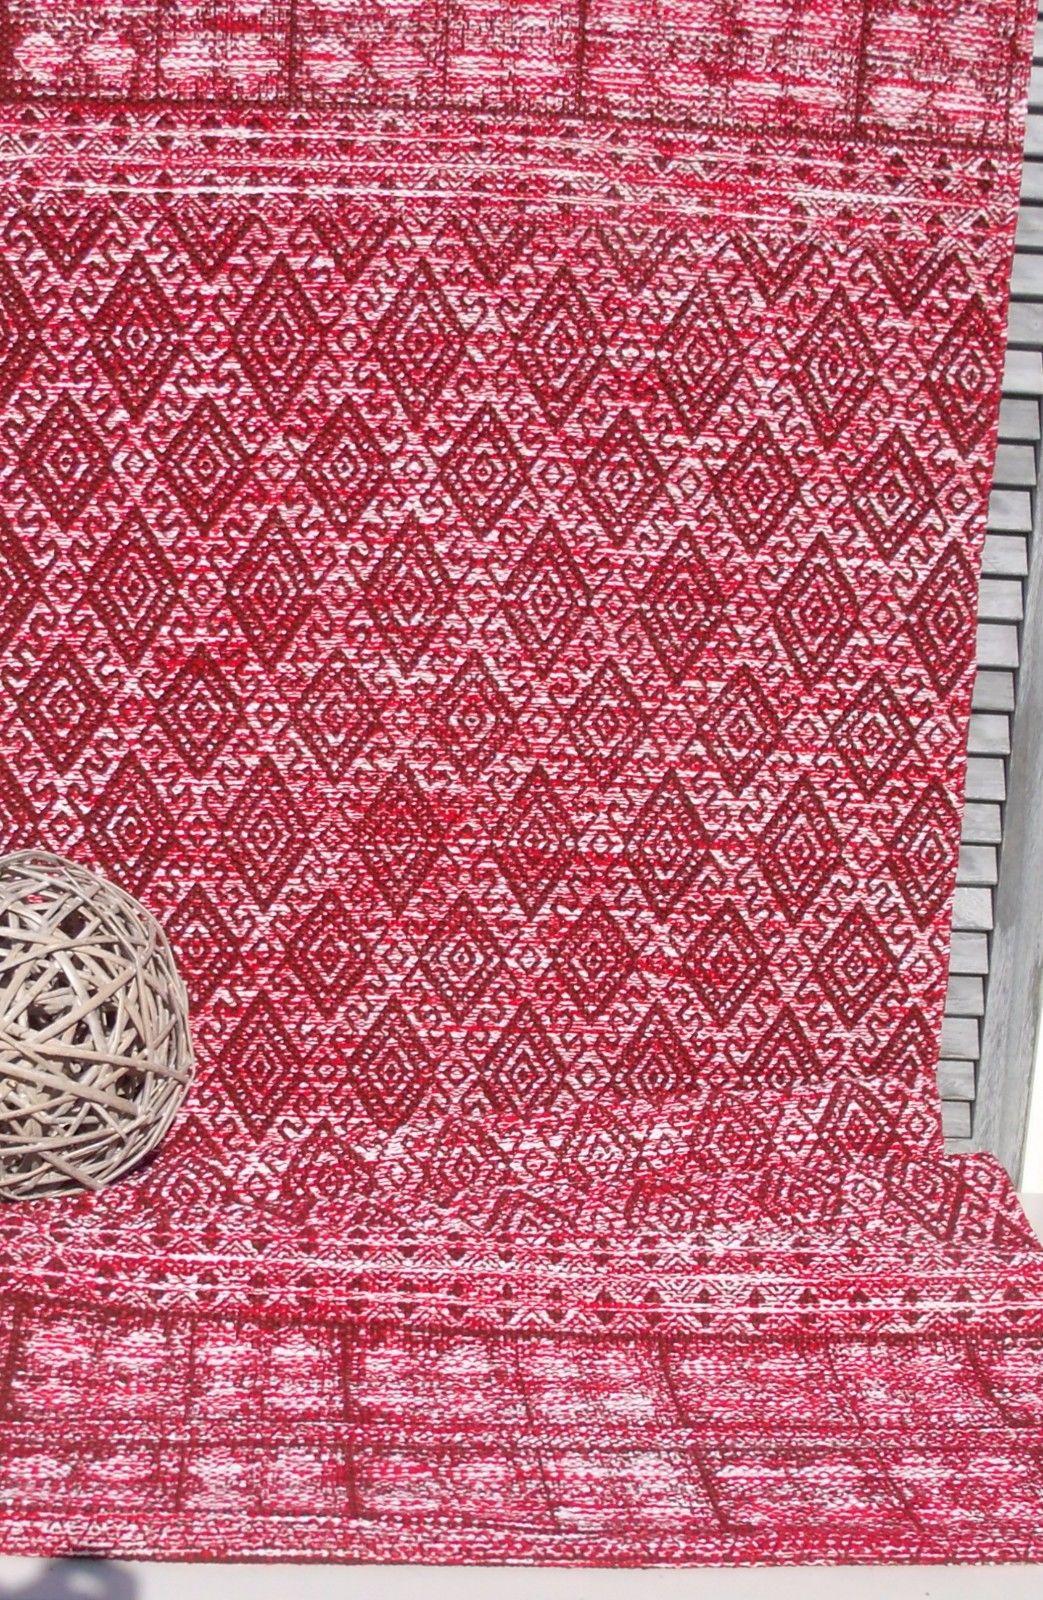 Teppich l ufer antonio rot wei webteppich 60x90 for Teppich landhausstil